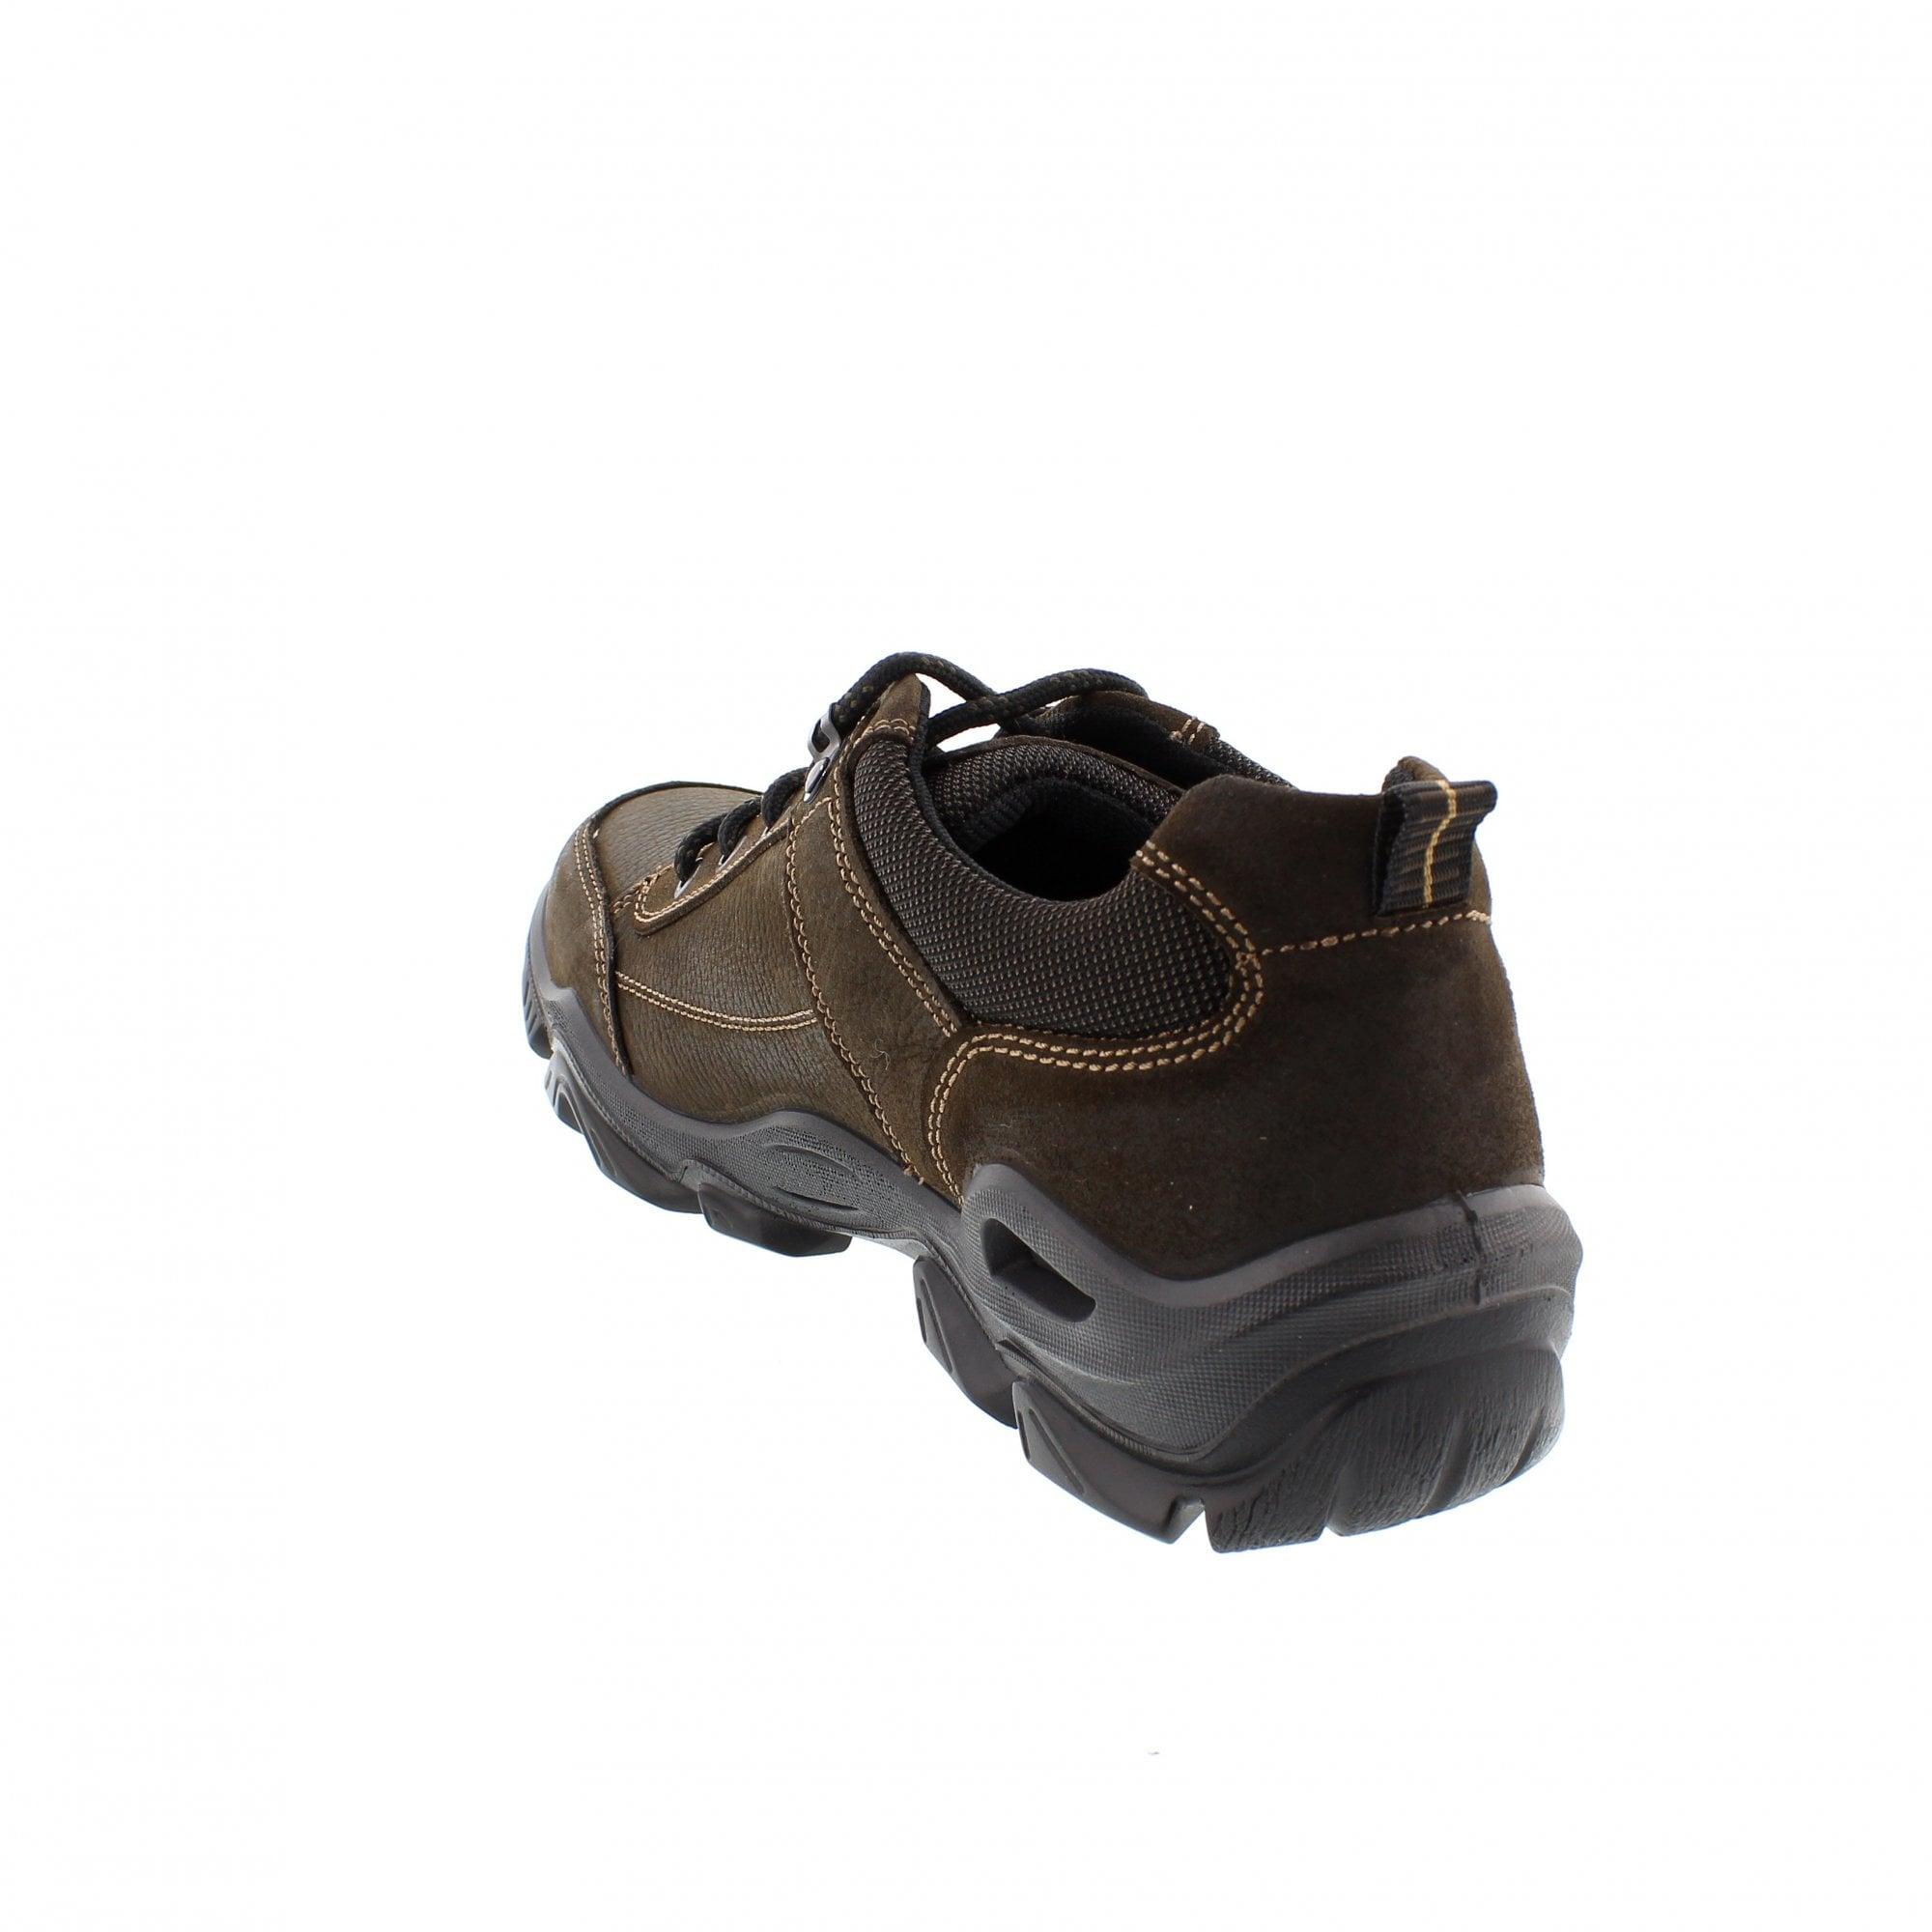 a8cb0e399eb08 Imac Mens Icona 203878-3551-017 Lace Up Shoes | Rogerson Shoes